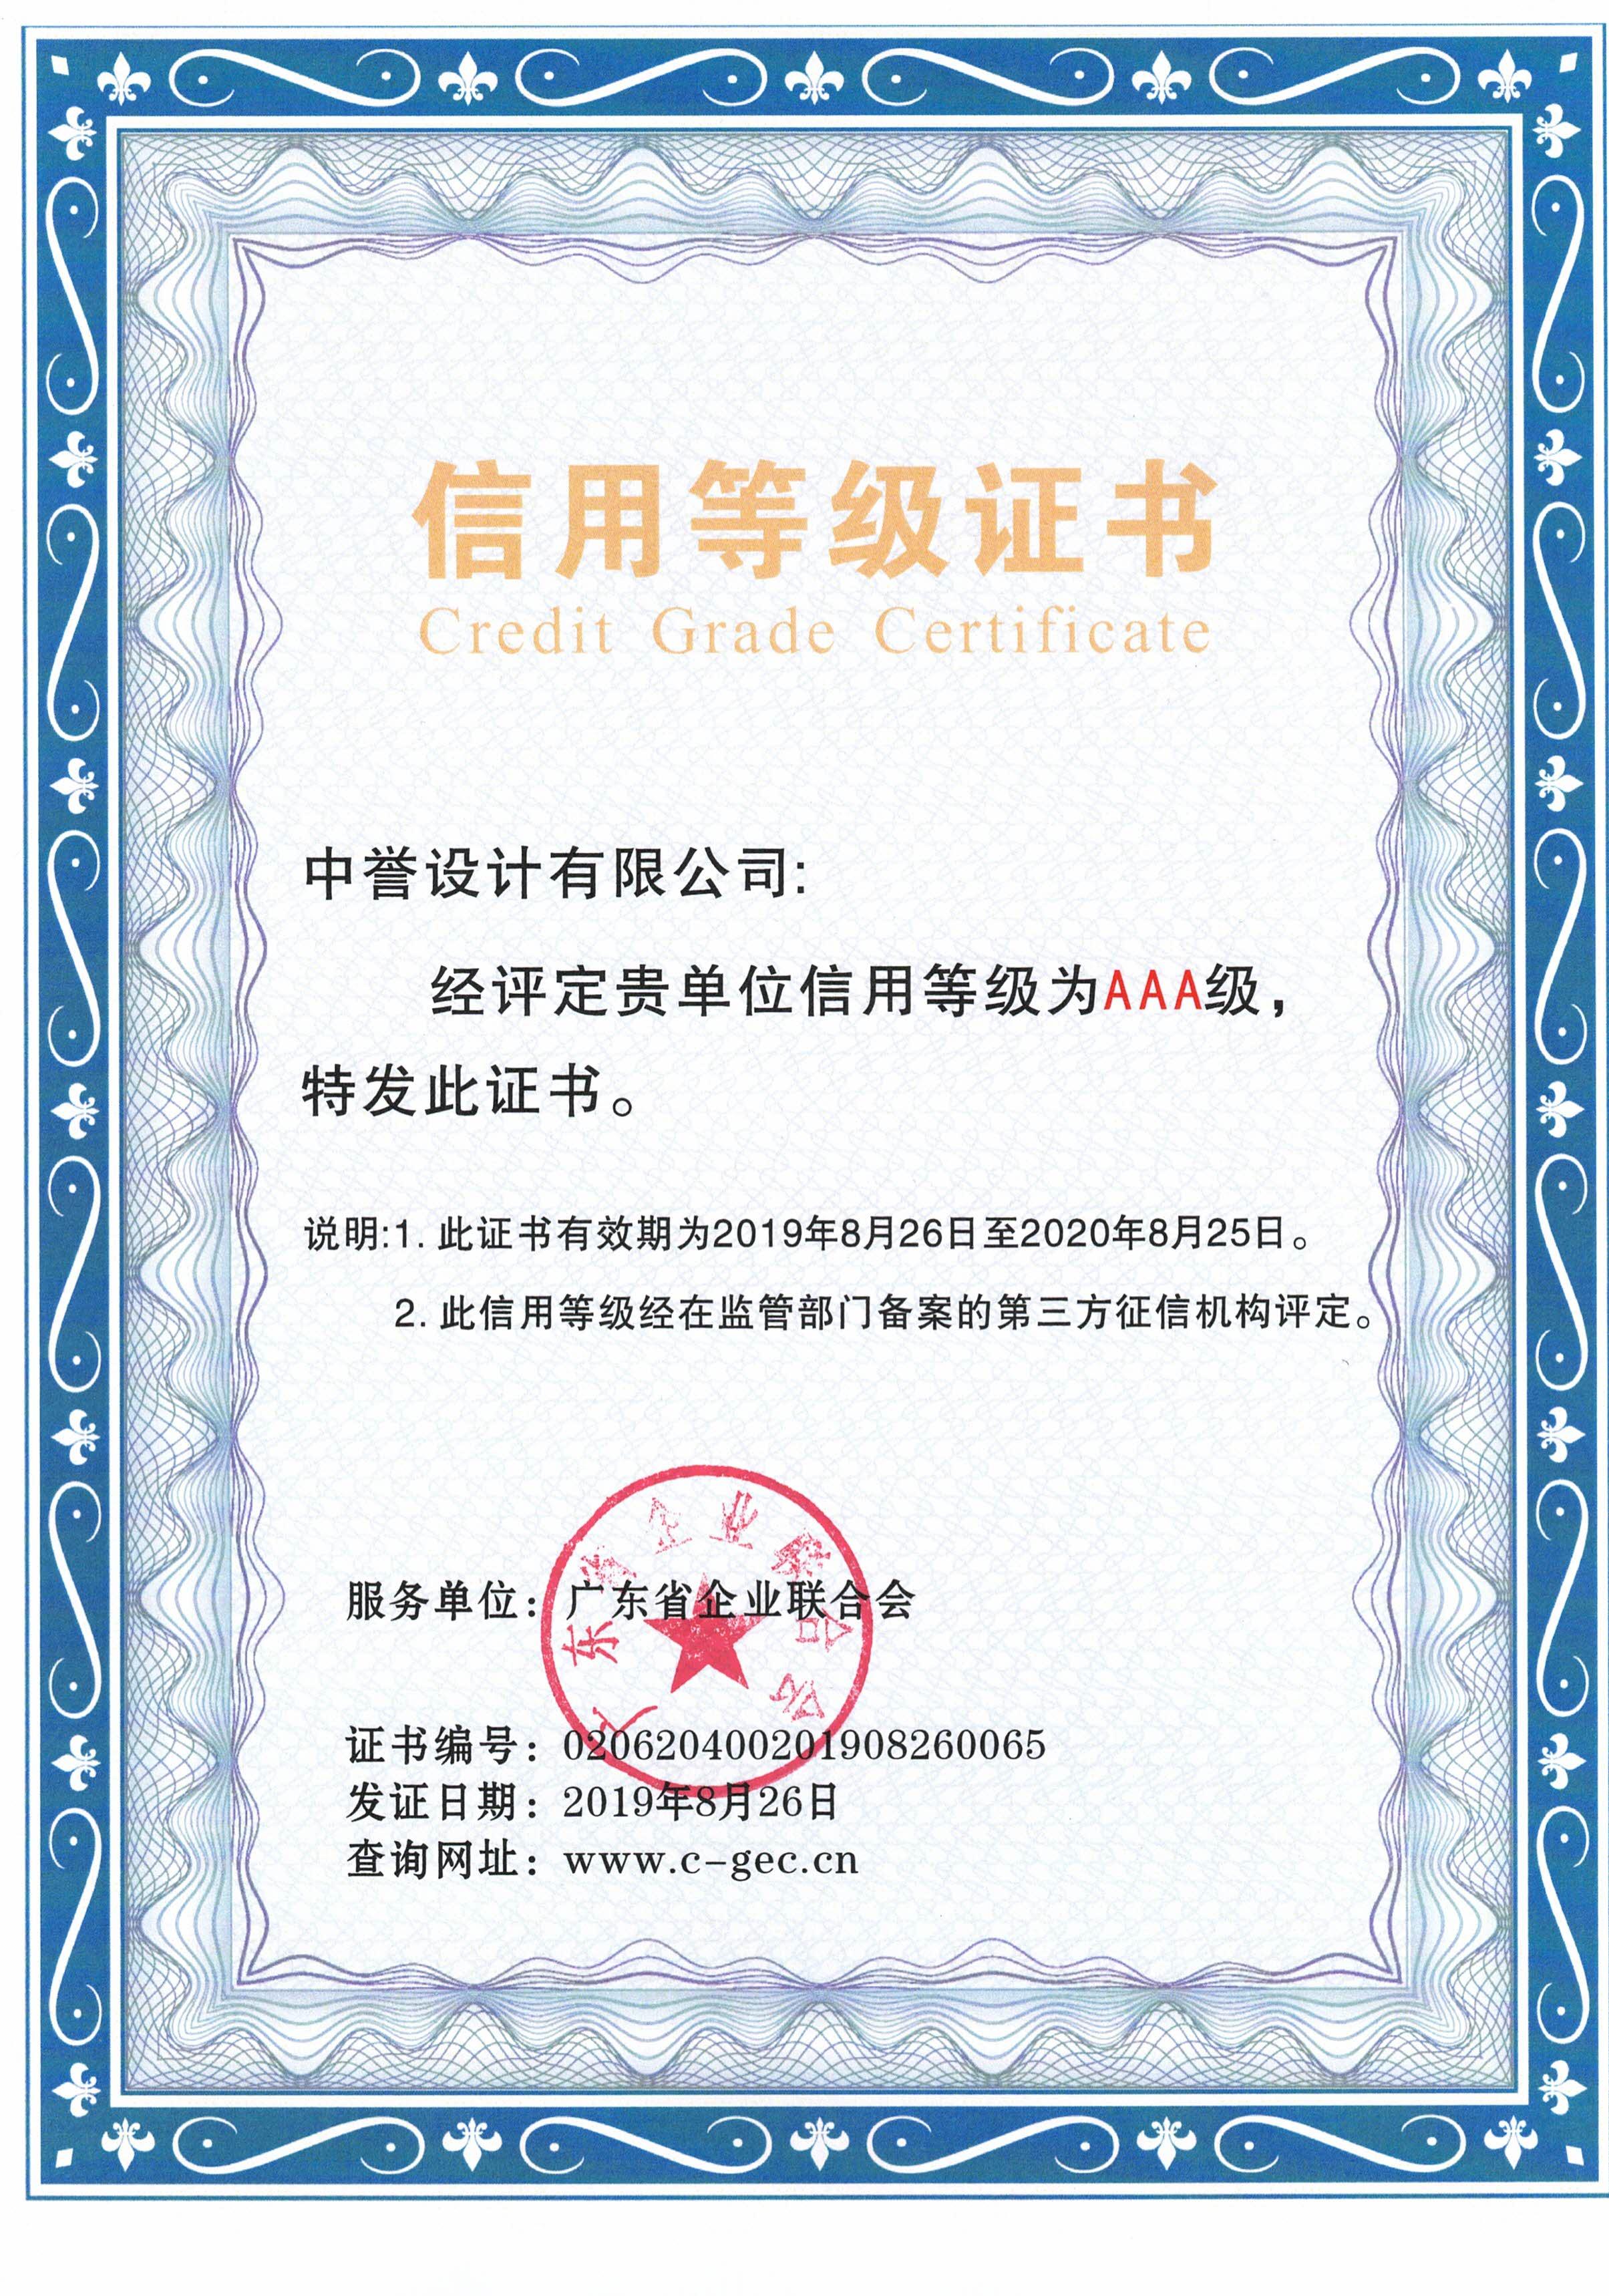 广东省企业信用AAA等级证书2018